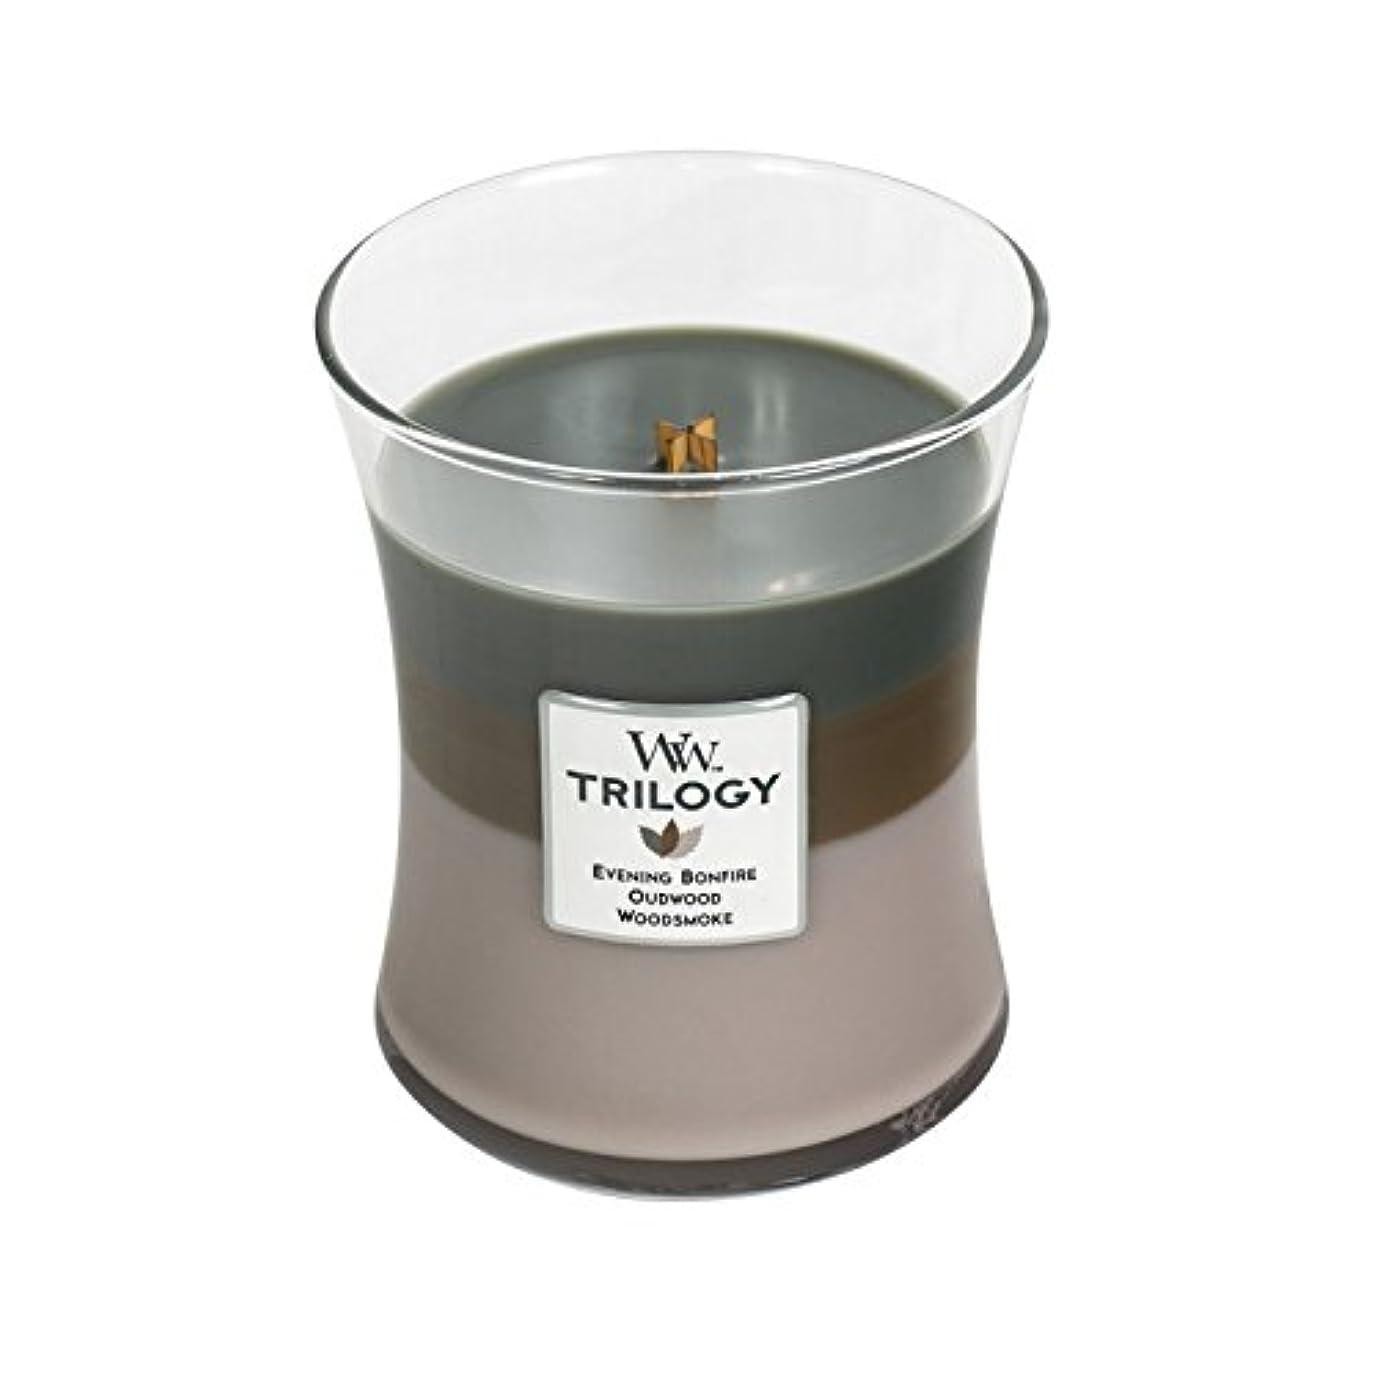 涙が出るフラグラントレンディションWoodwick Trilogy Cozy Cabin、3 - in - 1 Highly Scented Candle、クラシック砂時計Jar、Medium 4インチ、9.7 Oz